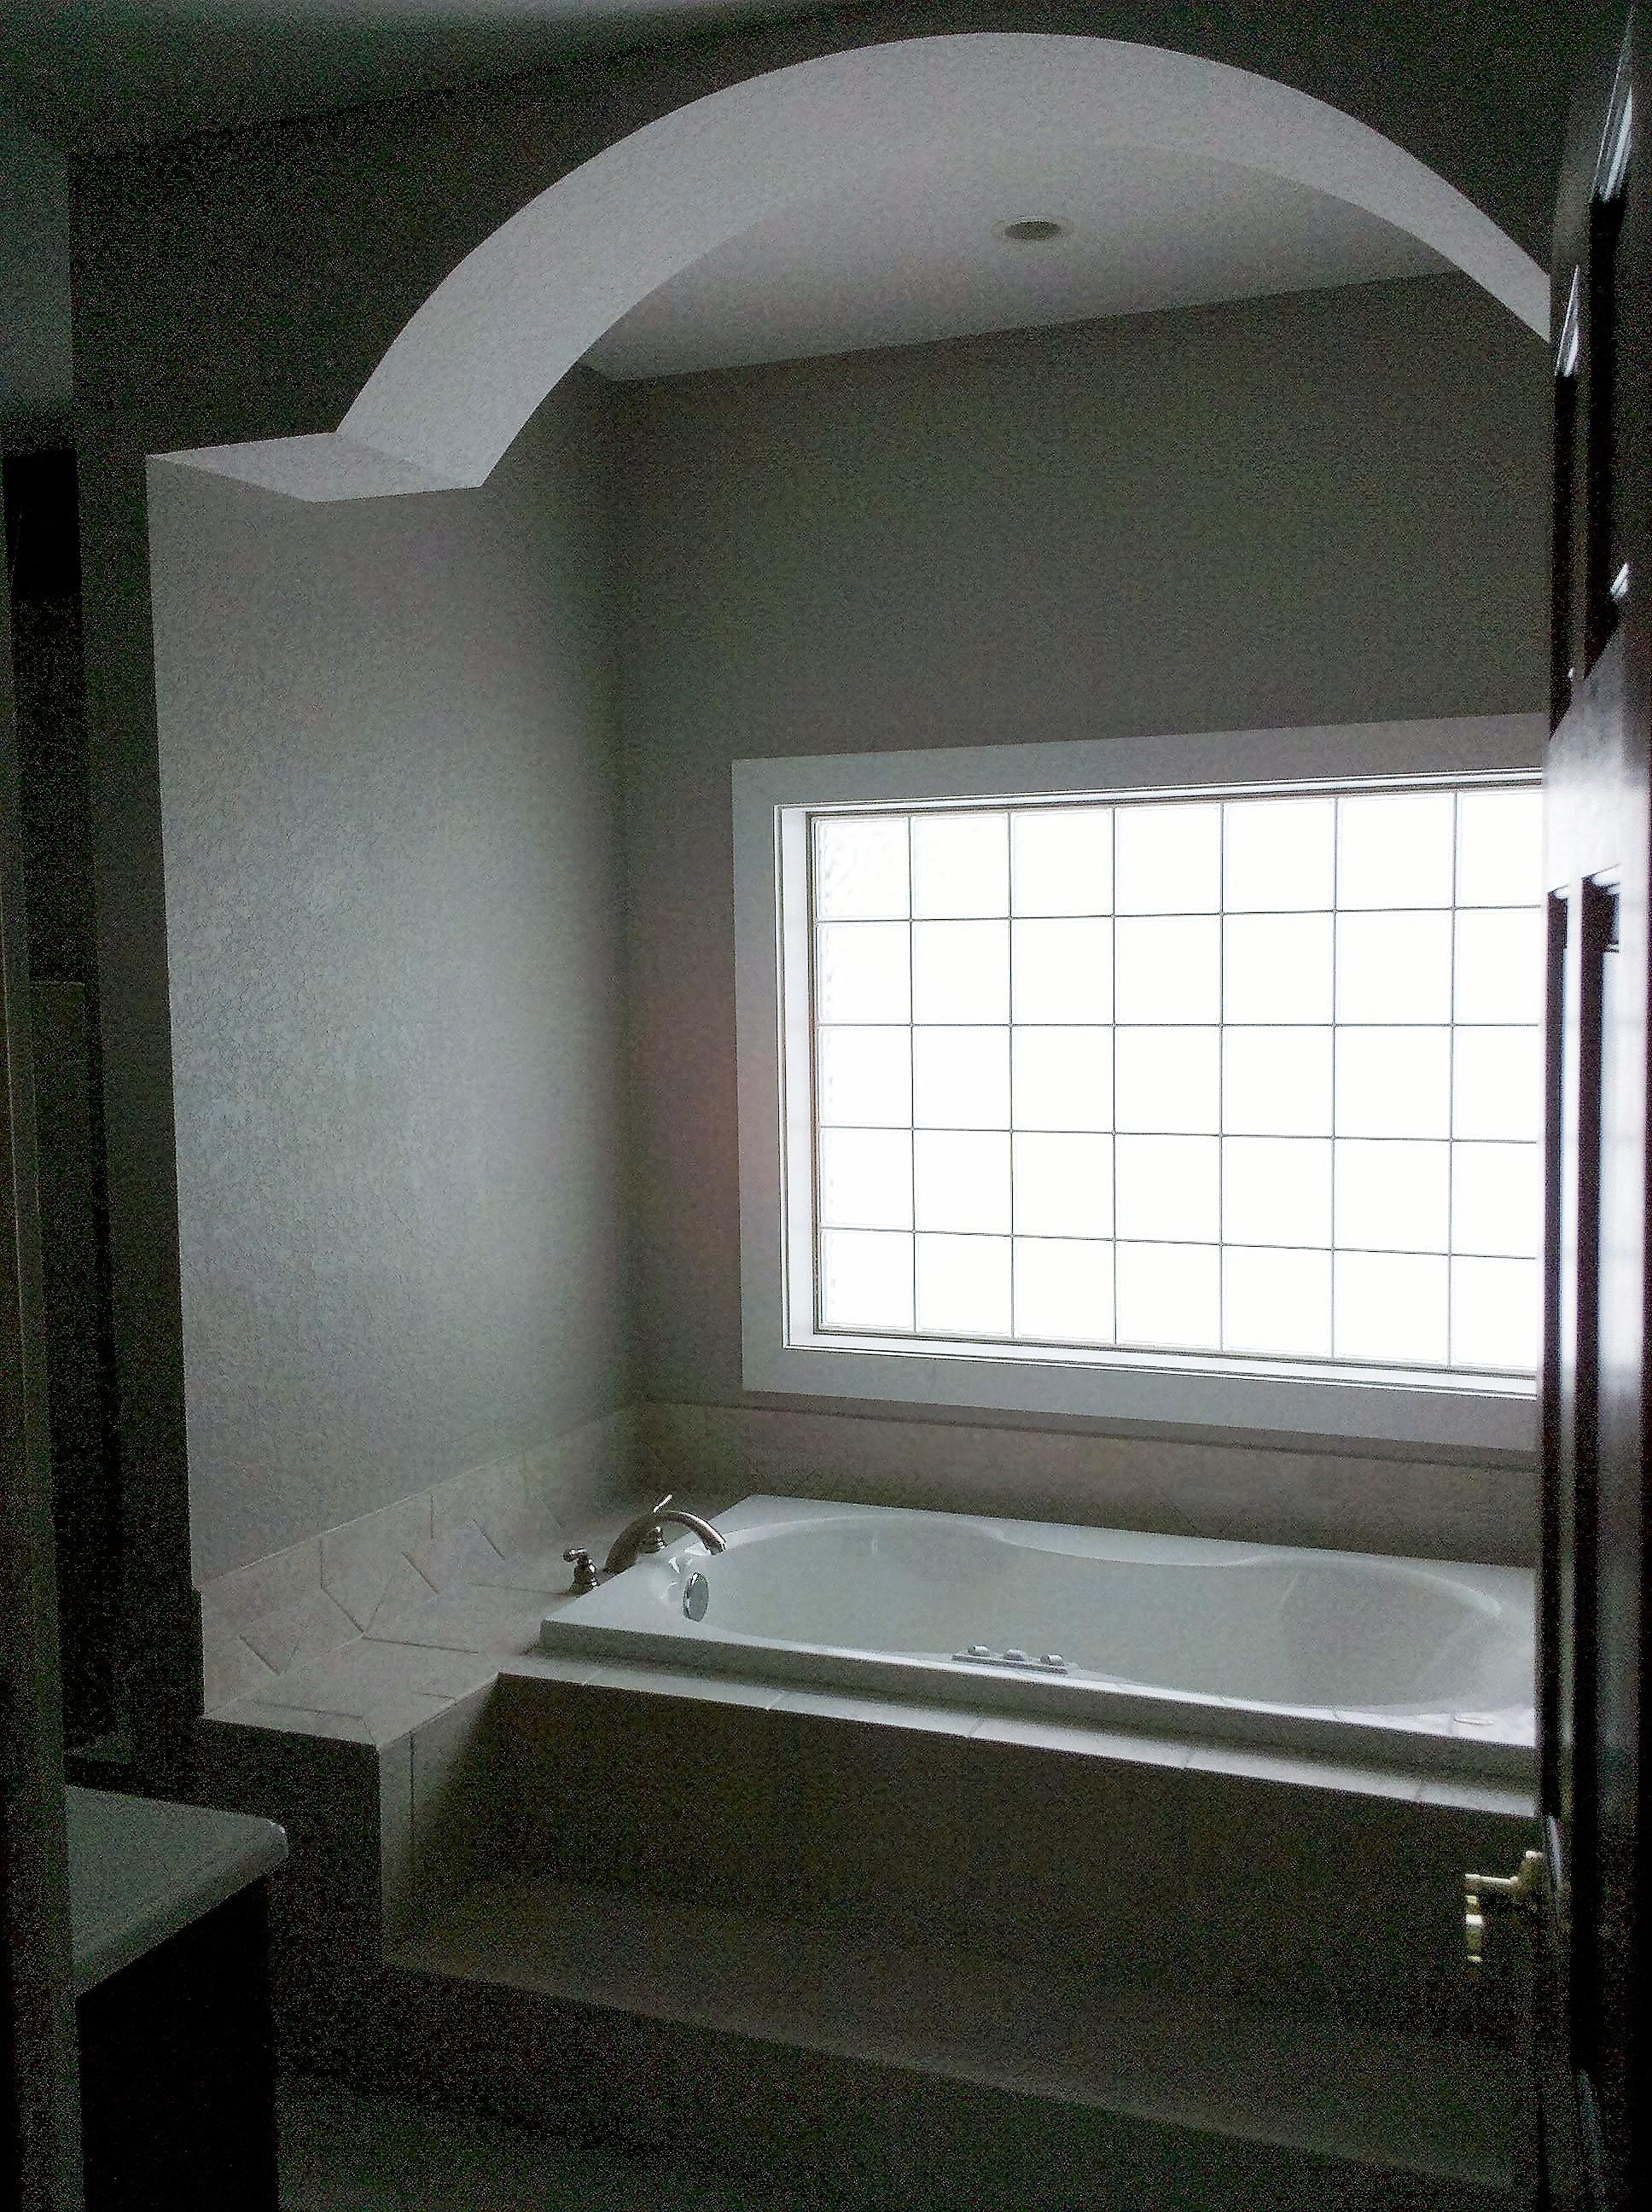 construction photos 101